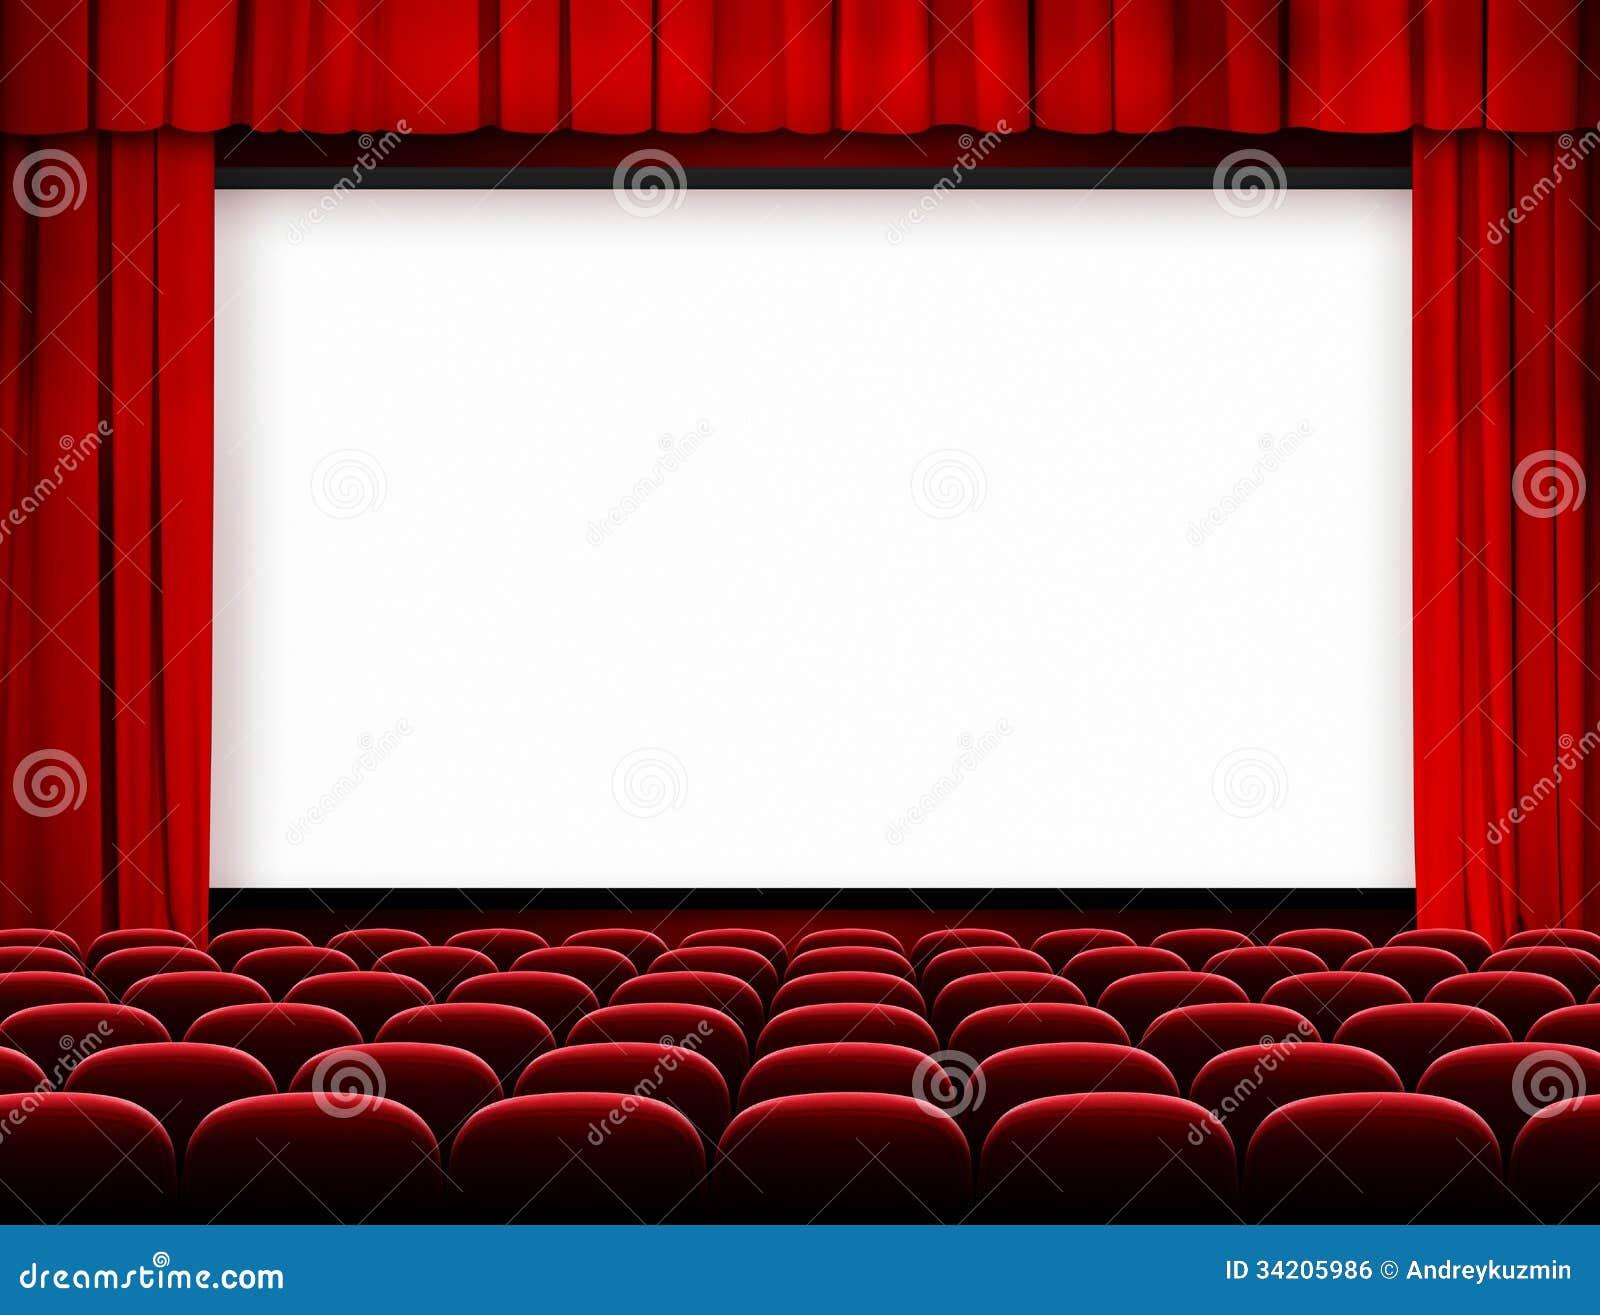 Écran de cinéma avec les rideaux et les sièges rouges